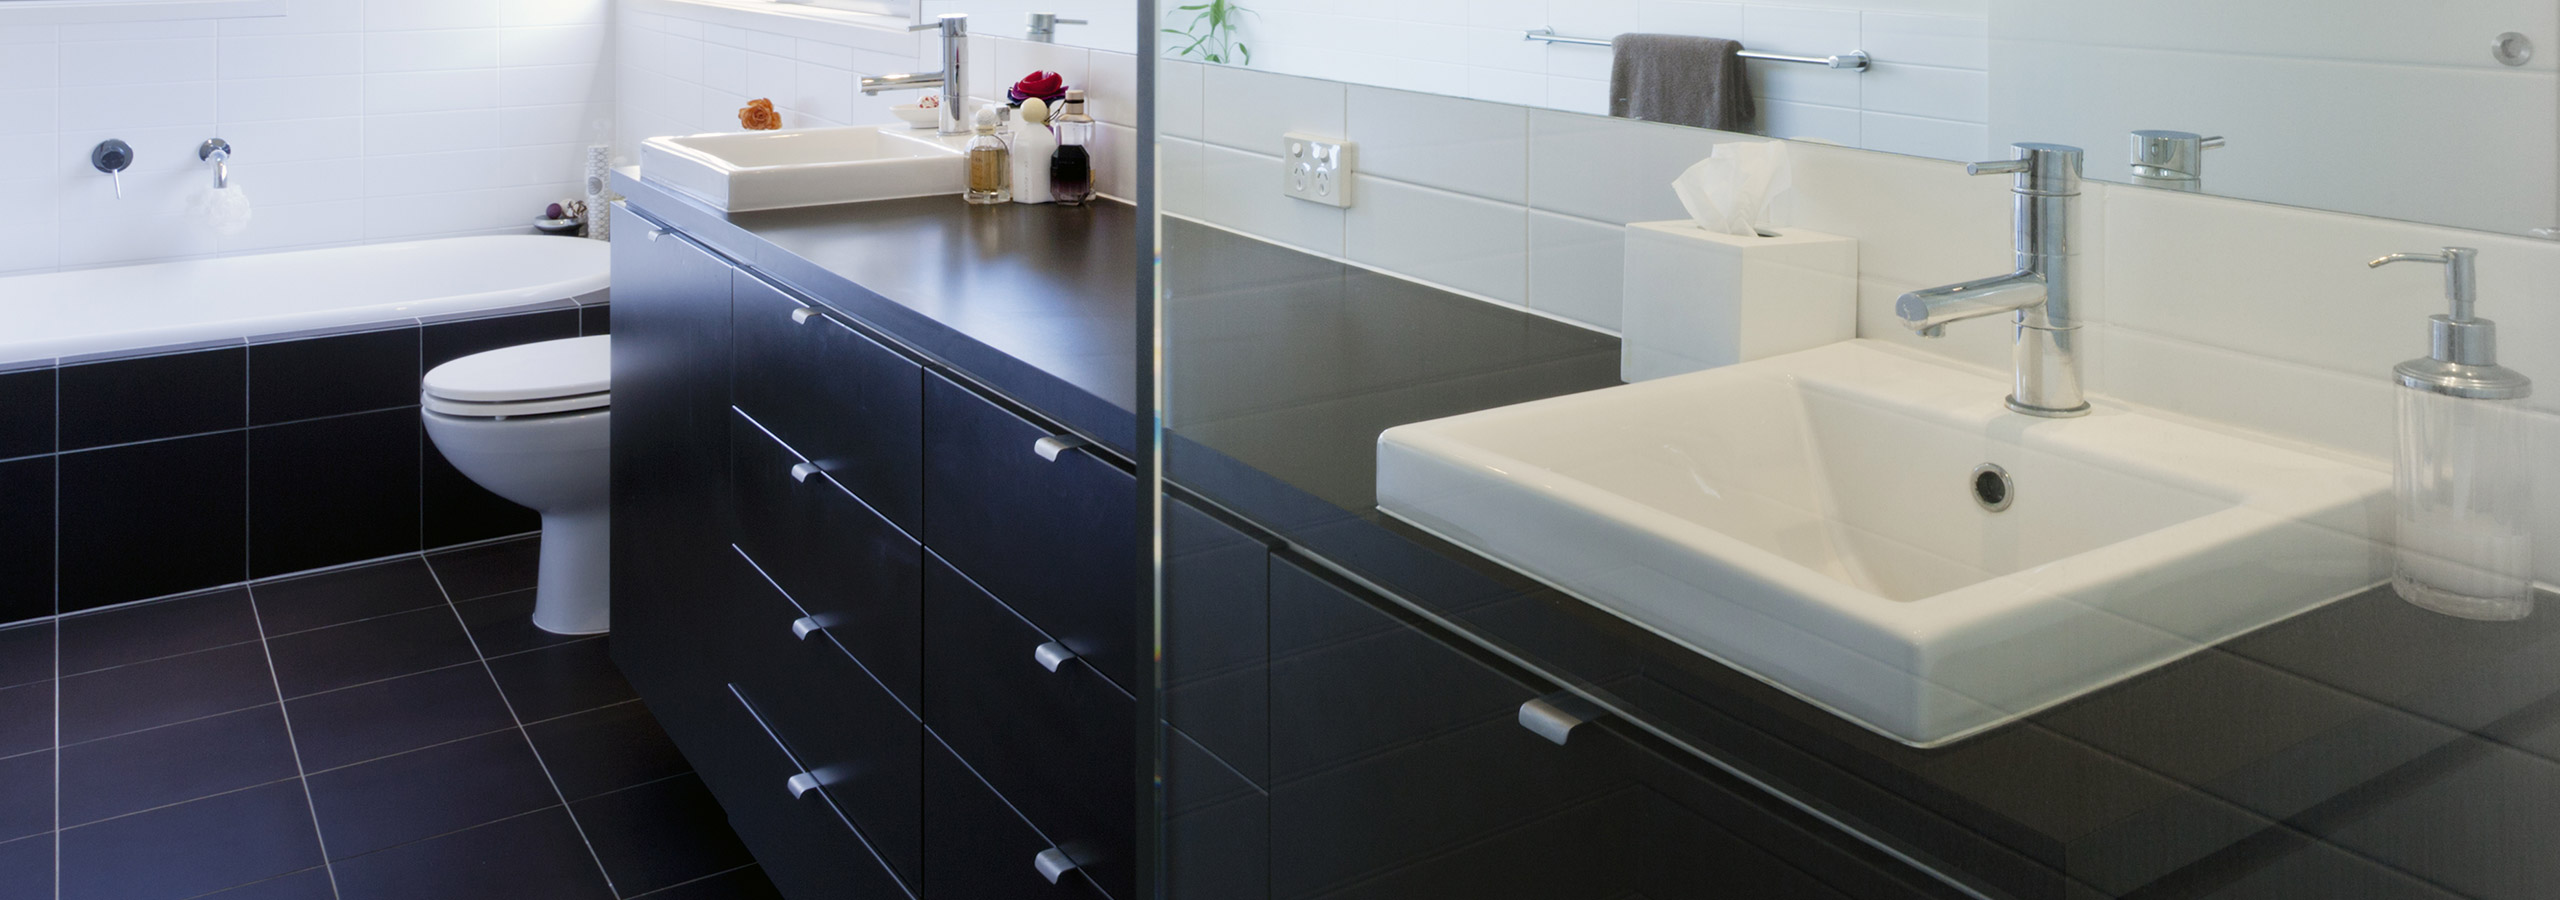 badkamermeubels en spiegelkasten plaatsen rondom eindhoven